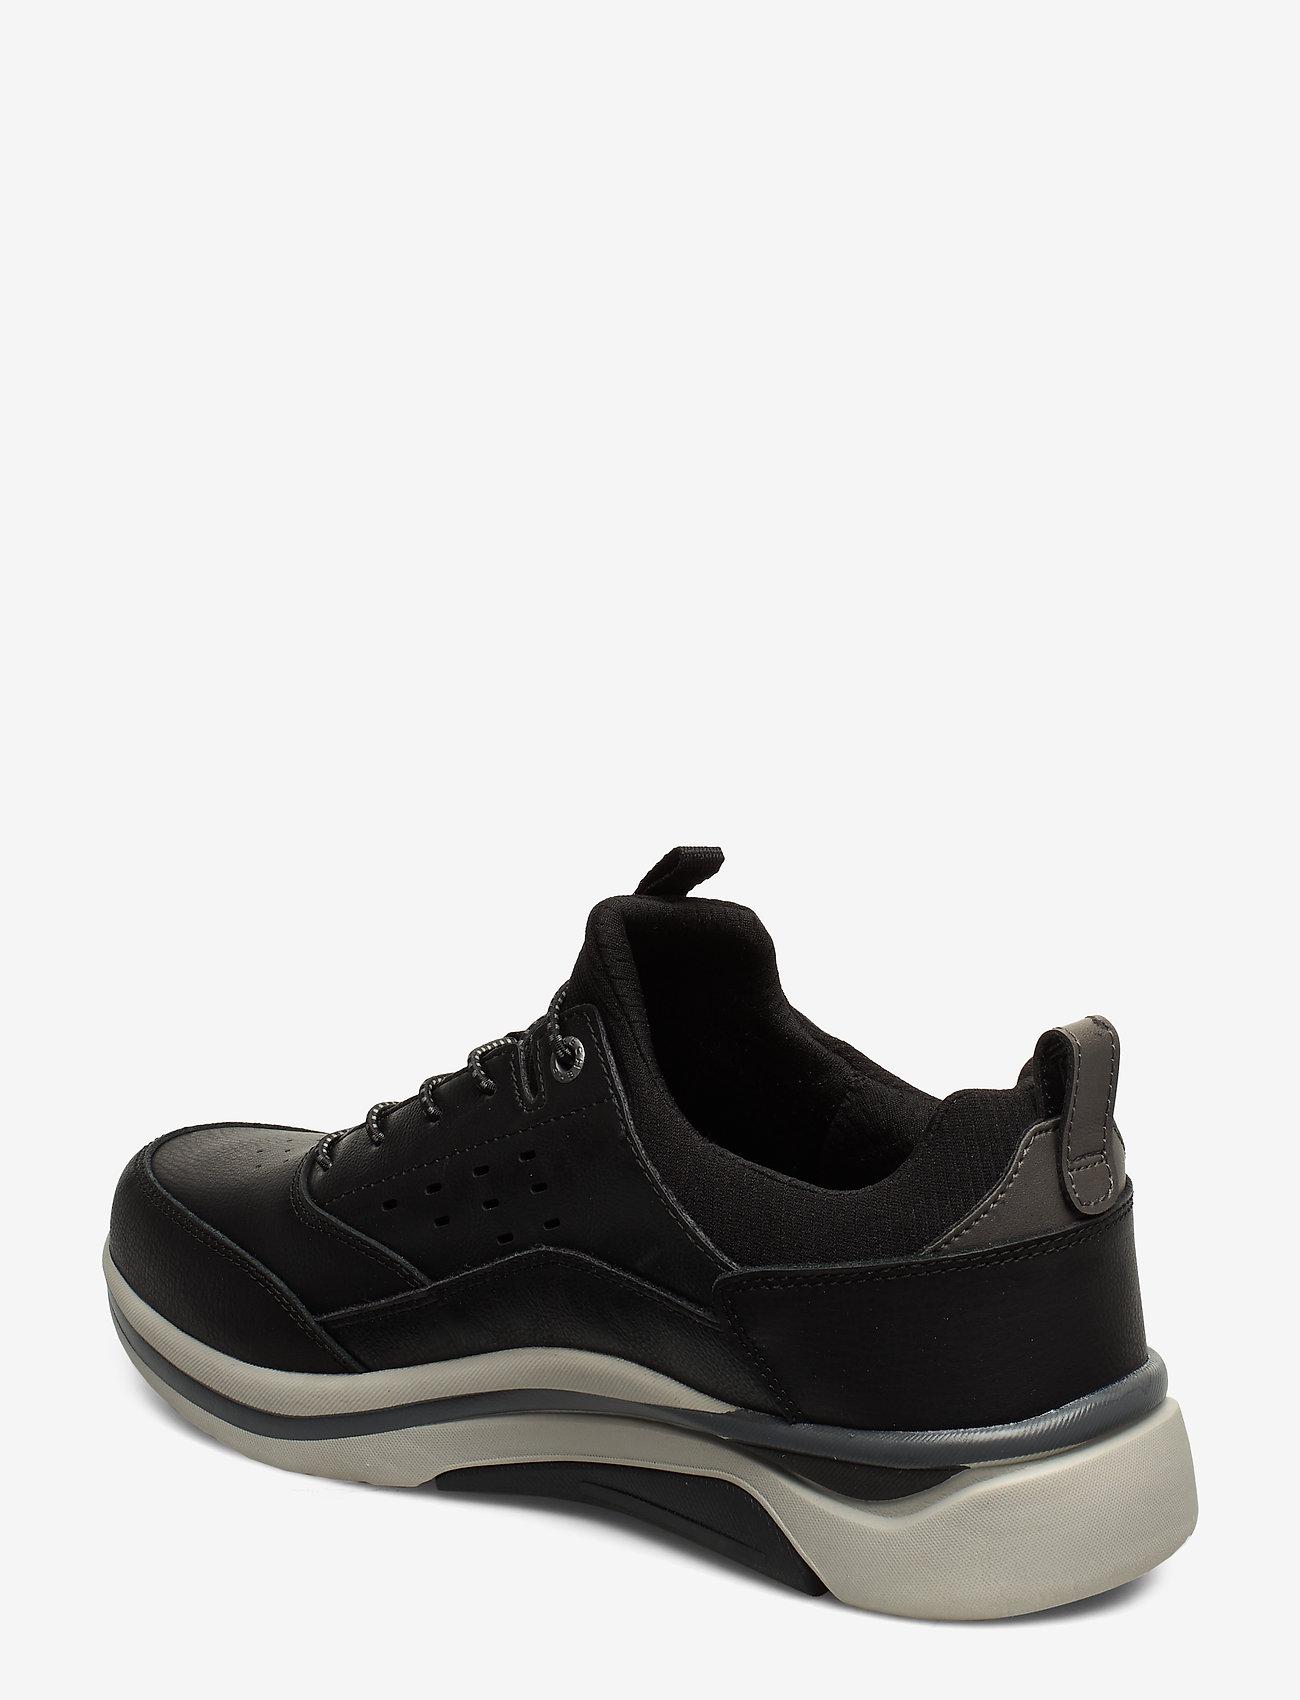 Mens Delamo (Blk Black) - Skechers